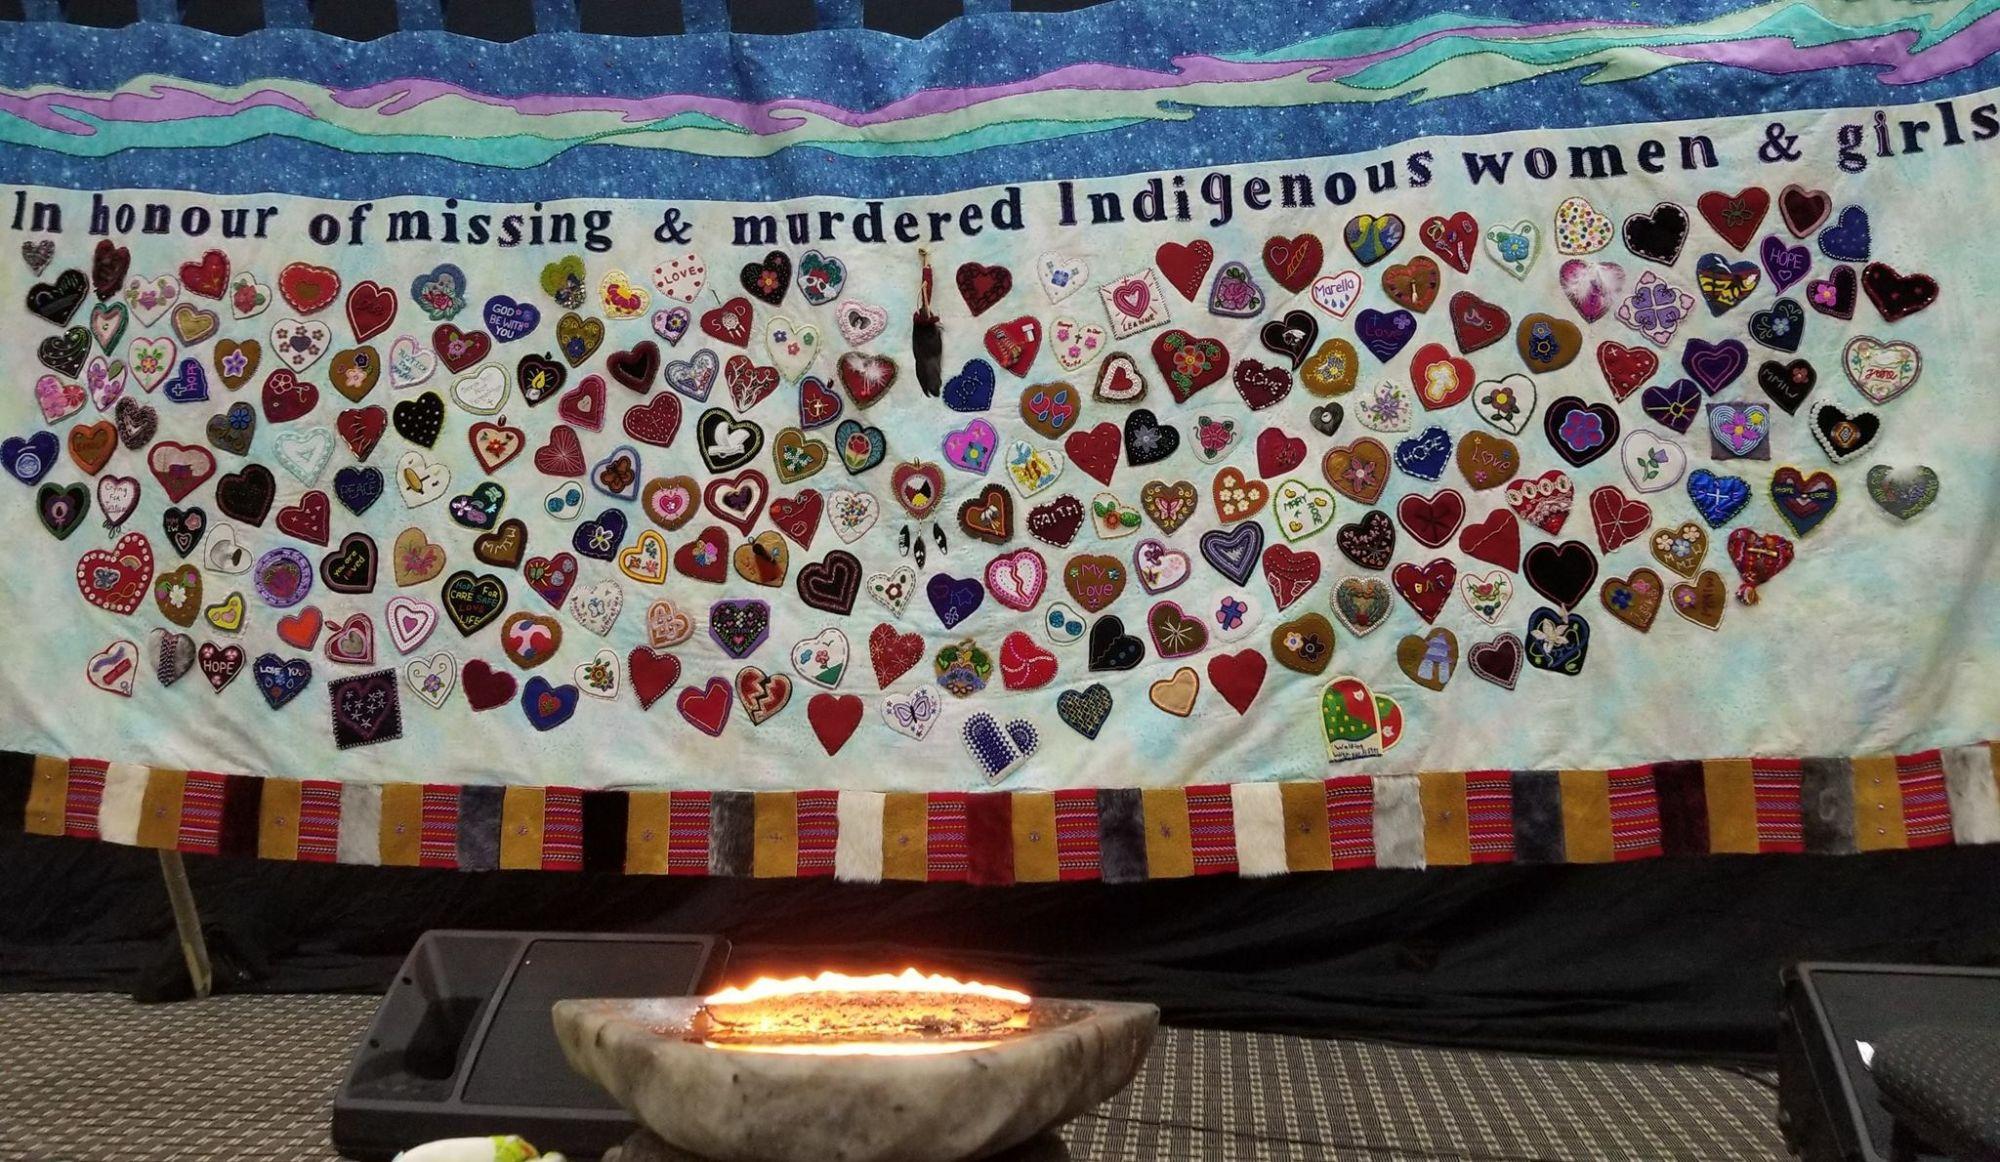 L'enquête sur les femmes autochtones s'ouvre sur un témoignage bouleversant